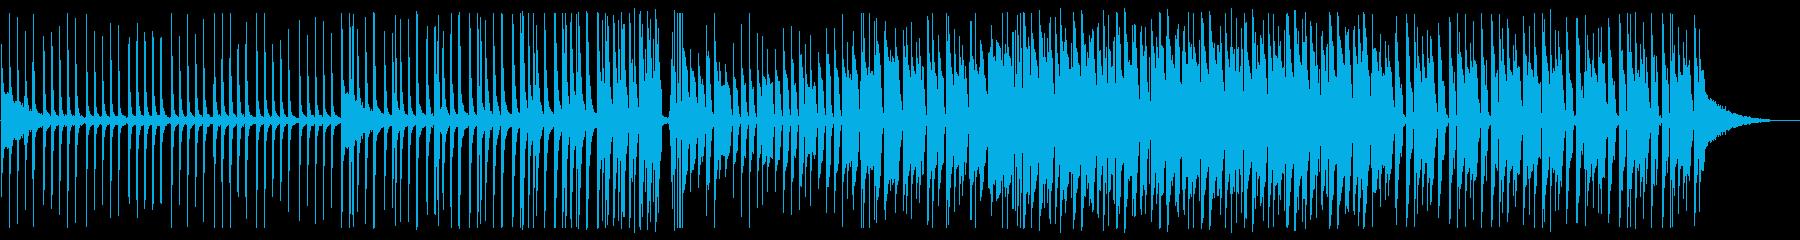 爽やかなEDM_2の再生済みの波形